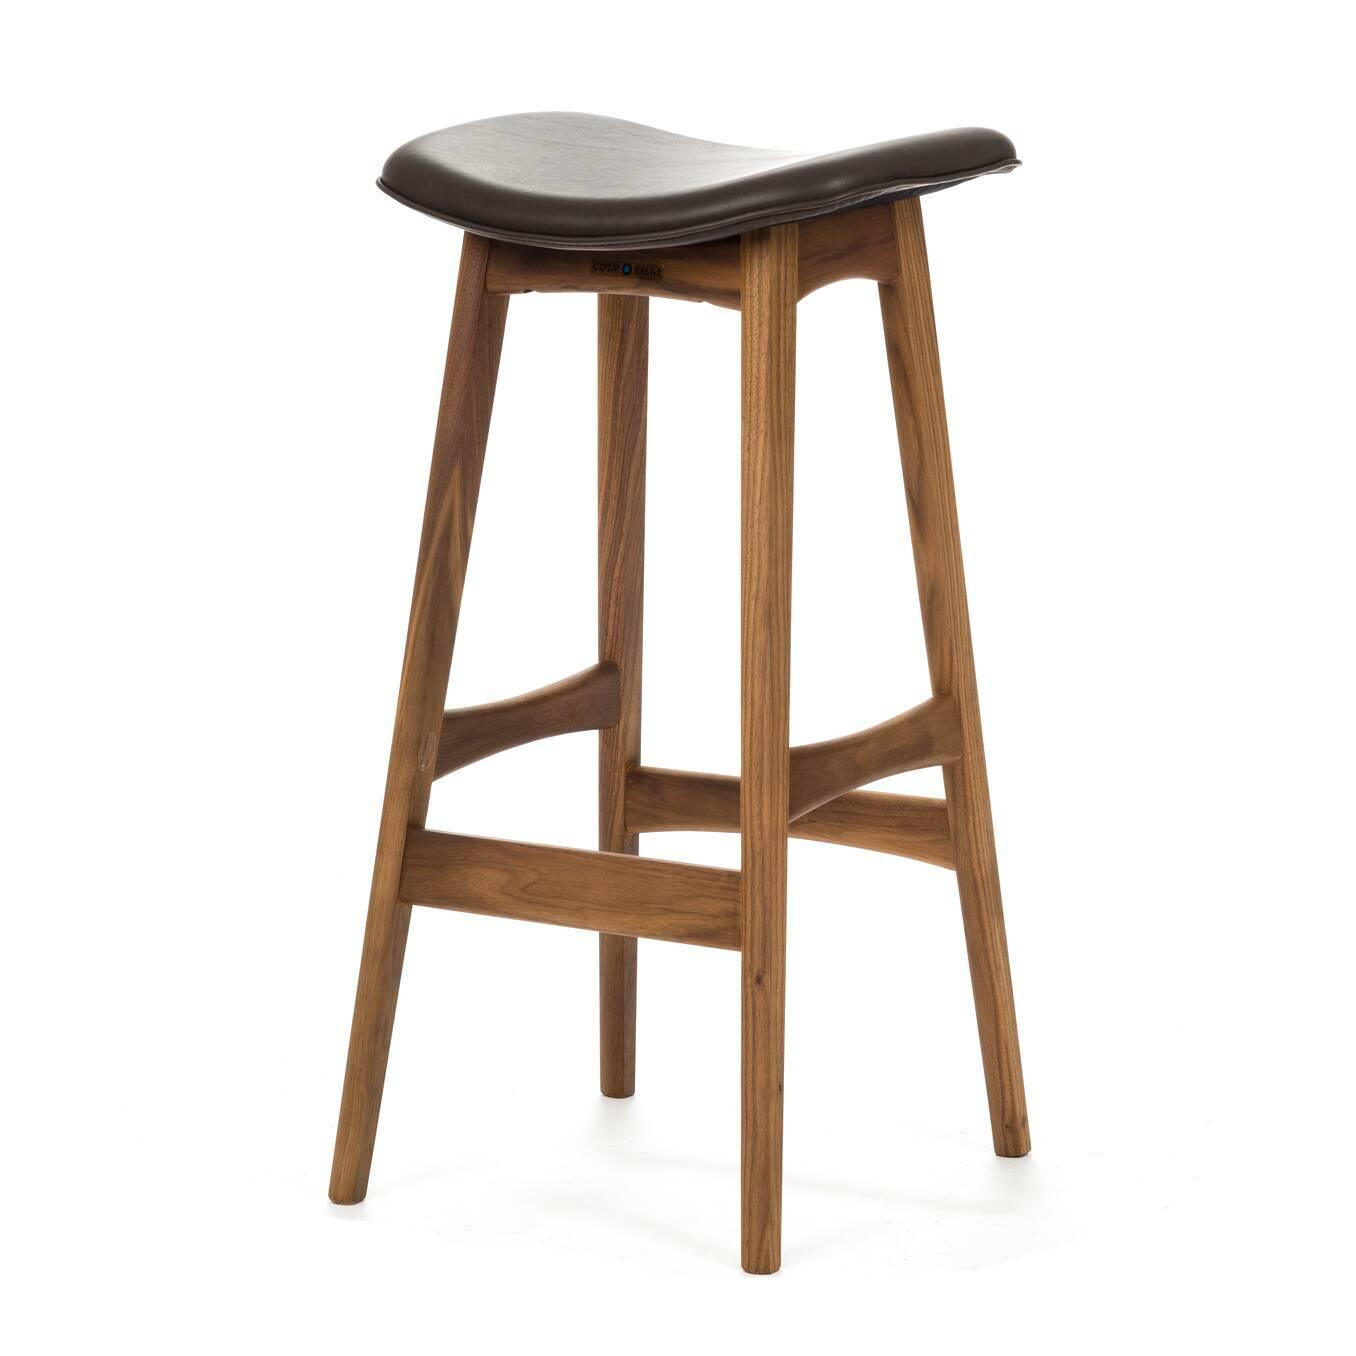 Барный стул Allegra высота 77Барные<br>Дизайнерский барный стул Allegra (Аллегра) на деревянном каркасе без спинки в различных цветах от Cosmo (Космо).Это универсальный стул для дома и частных заведений. Он отлично подойдет как для баров и ресторанов, так и для уютных гостиных и кухонь. Цвет натурального дерева и простота деталей делают его по-настоящему лаконичным, благодаря чему он прекрасно впишется в интерьеры различной стилевой направленности.<br> <br> Стройный силуэт оригинального барного стула Allegra высота 77 составляют прямы...<br><br>stock: 0<br>Высота: 76,5<br>Ширина: 40<br>Глубина: 38,5<br>Цвет ножек: Орех<br>Материал ножек: Массив ореха<br>Цвет сидения: Шоколадно-коричневый<br>Тип материала сидения: Кожа<br>Тип материала ножек: Дерево